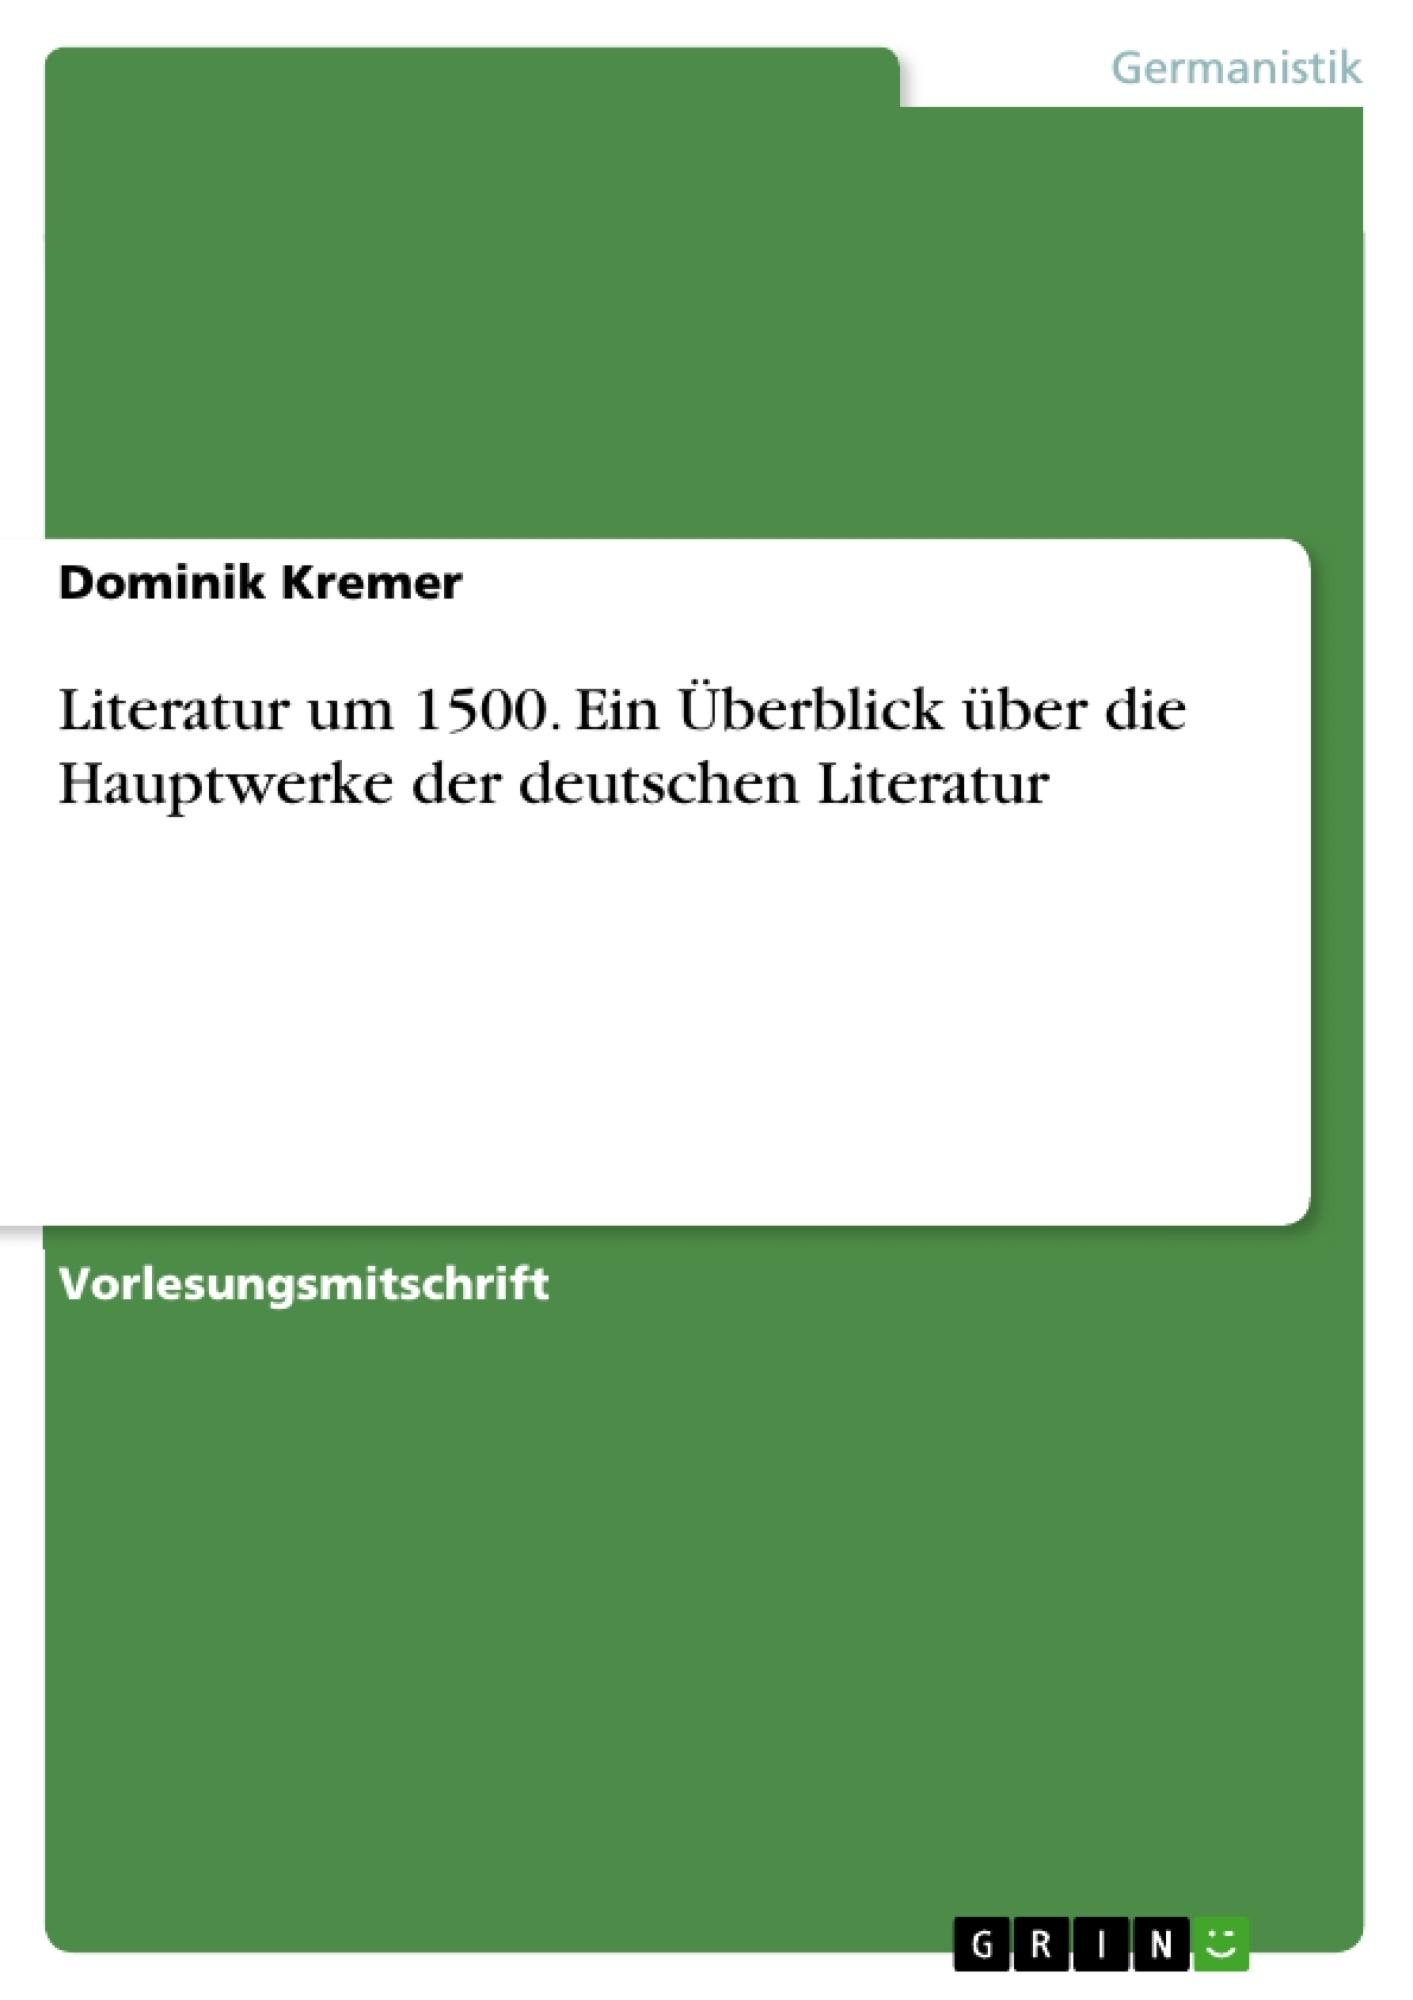 Titel: Literatur um 1500. Ein Überblick über die Hauptwerke der deutschen Literatur